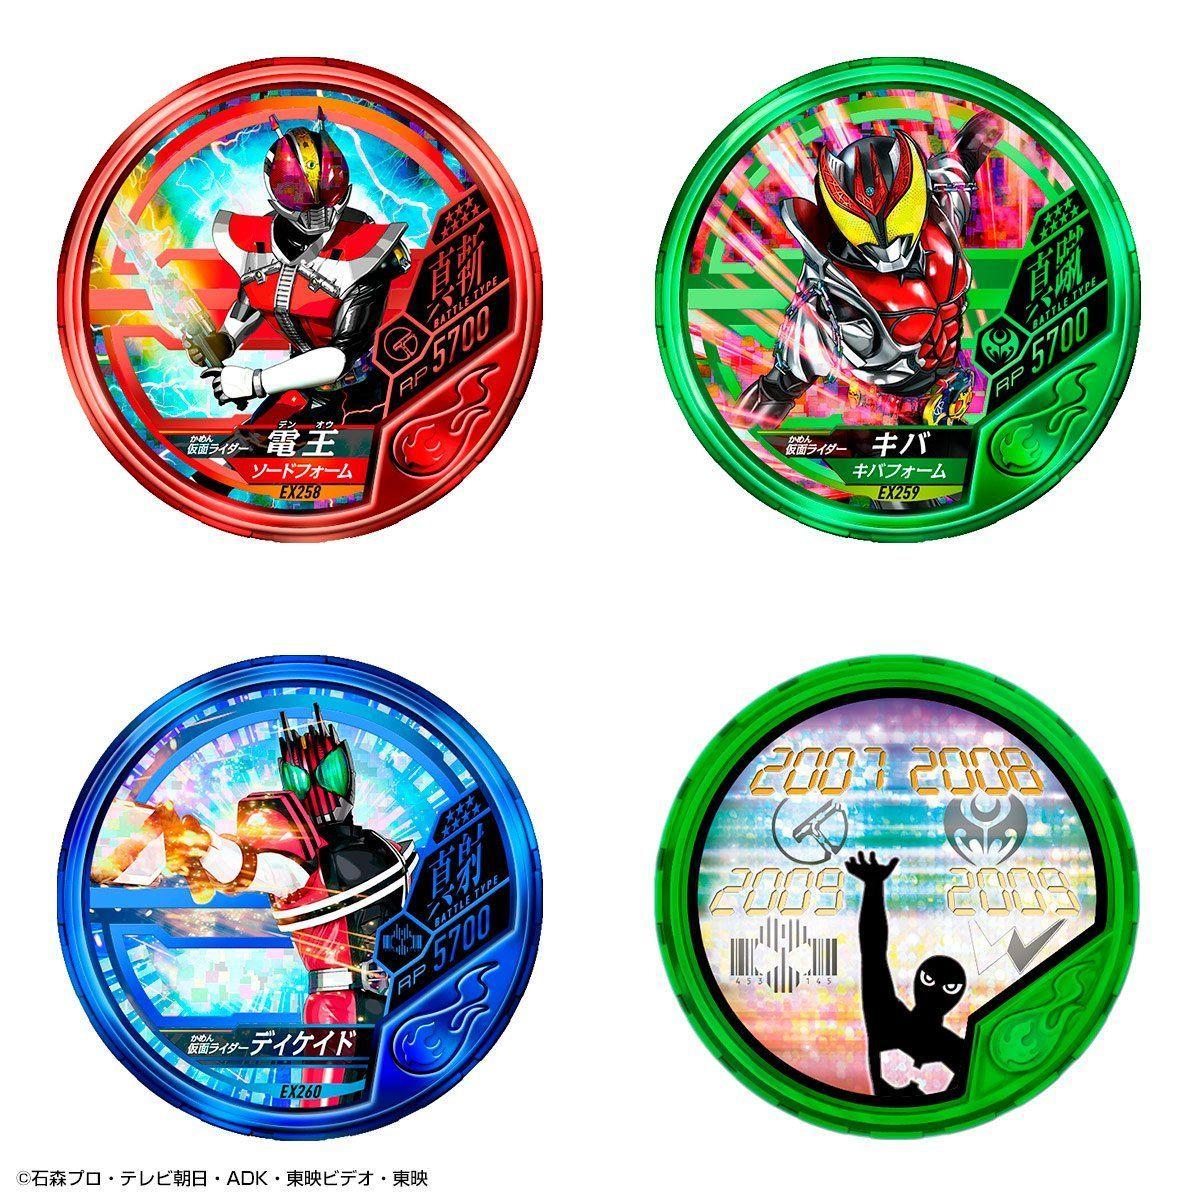 仮面ライダー ブットバソウル『オフィシャルメダルホルダー -20th Anniversary-』-007